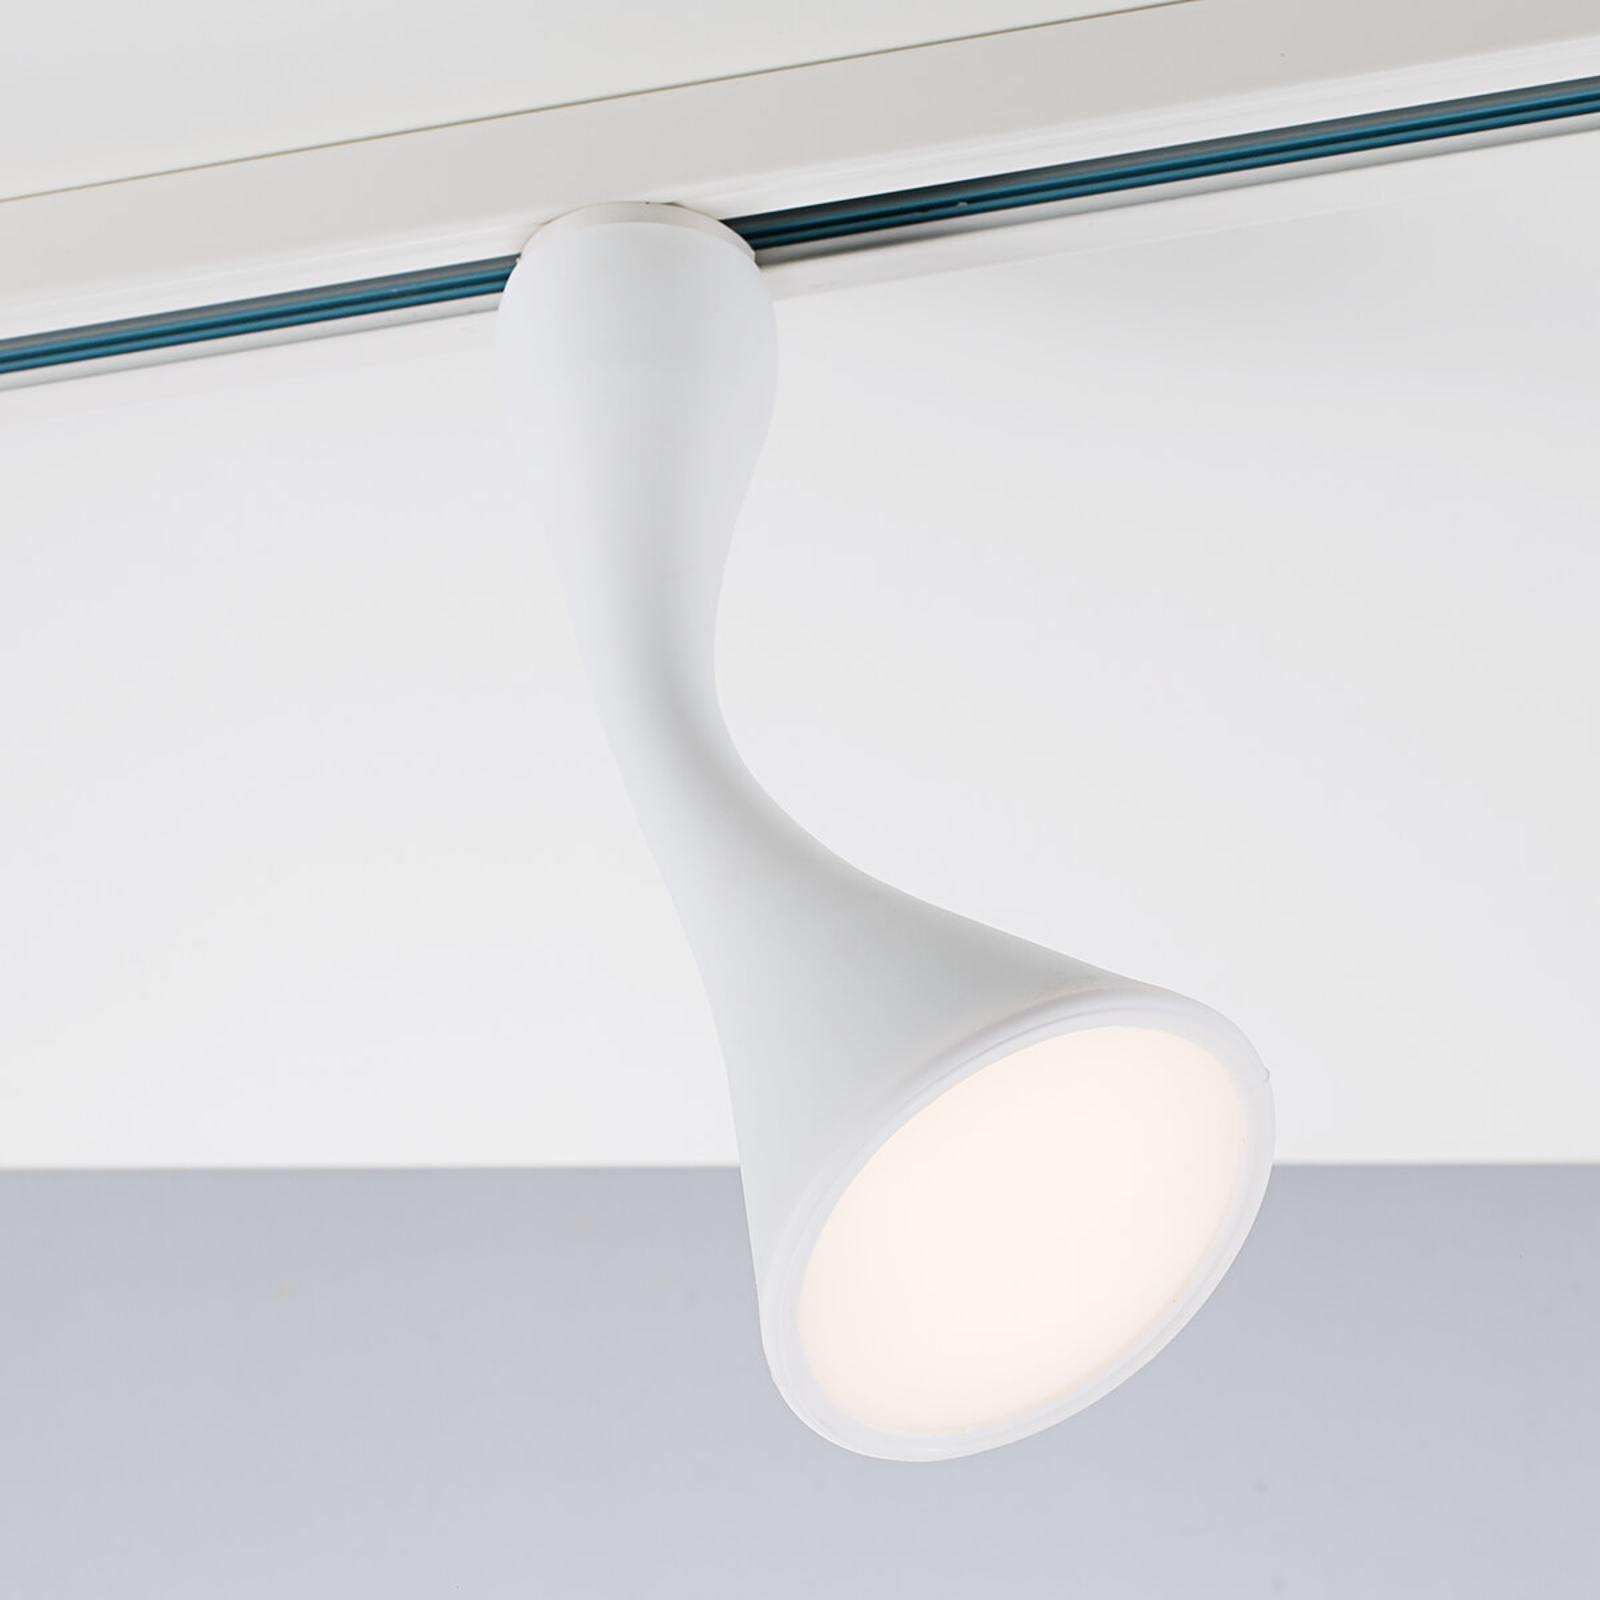 Trendiger LED-Spot Bendy f. 1-Phasen-Schiene Link